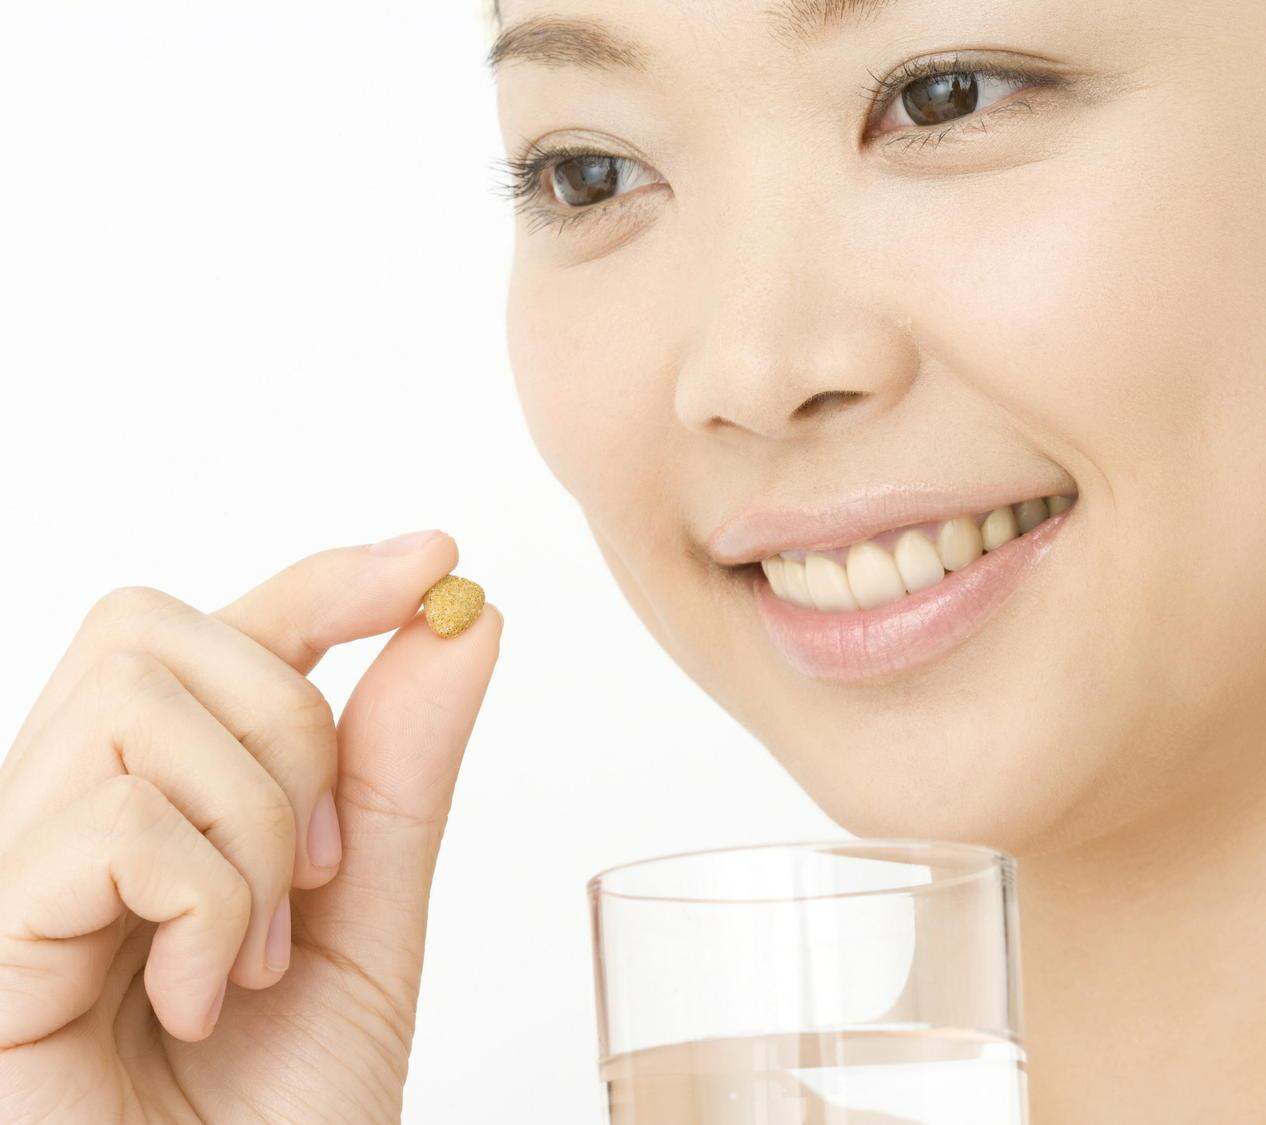 健康食品で「肝障害」 黄疸・倦怠感などの症状が 国民生活センター